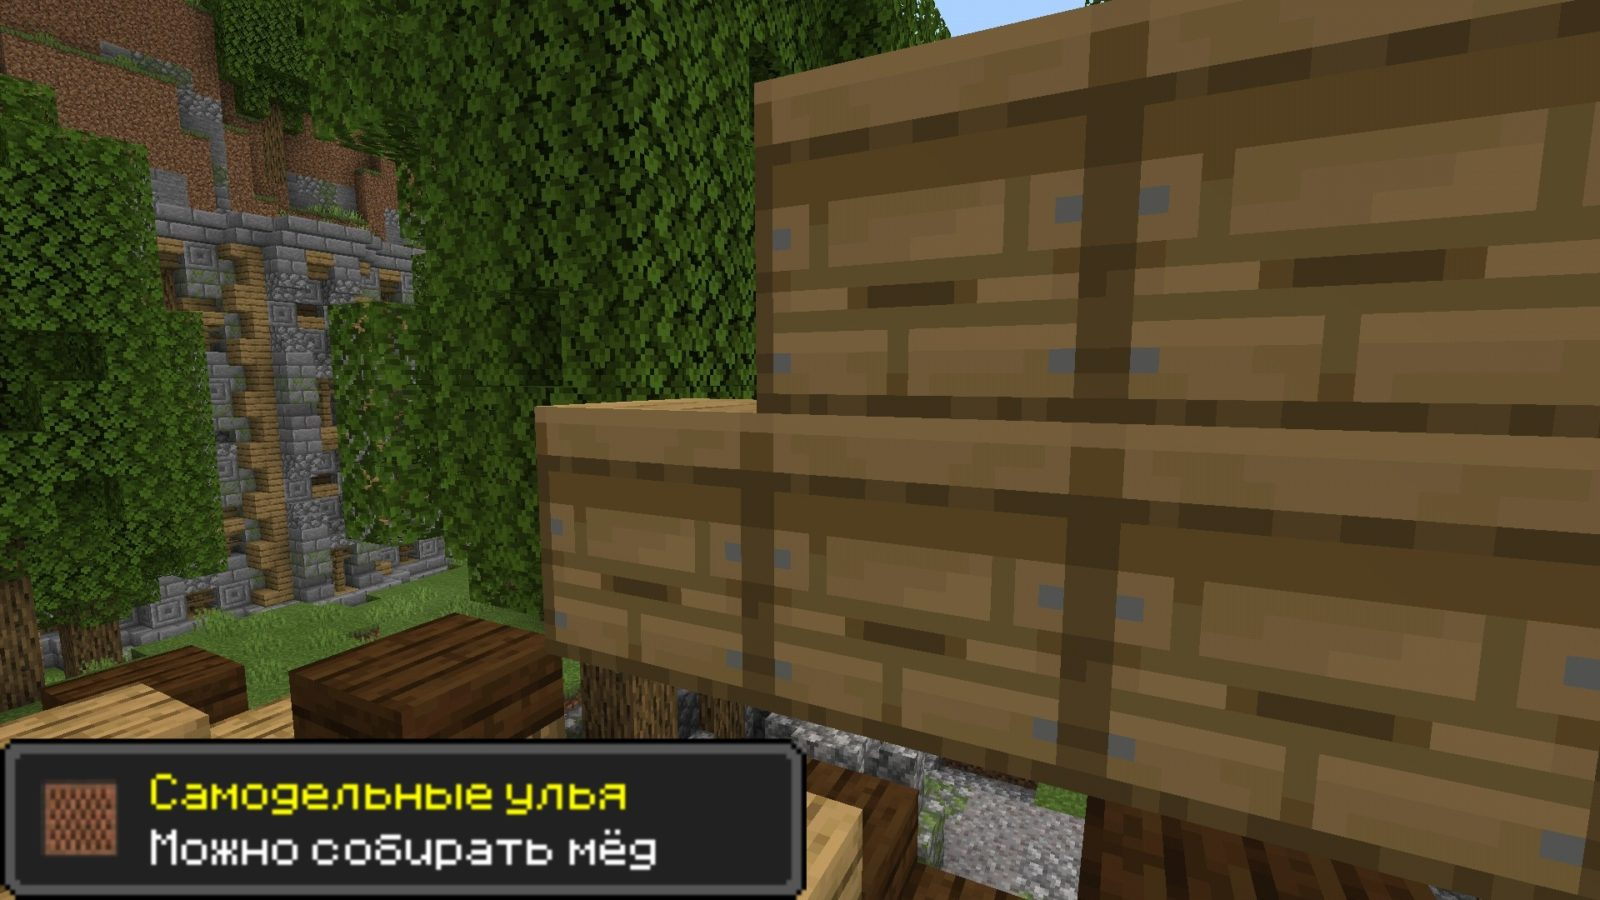 Samodelnie yliya Minecraft PE 1.14.25.1